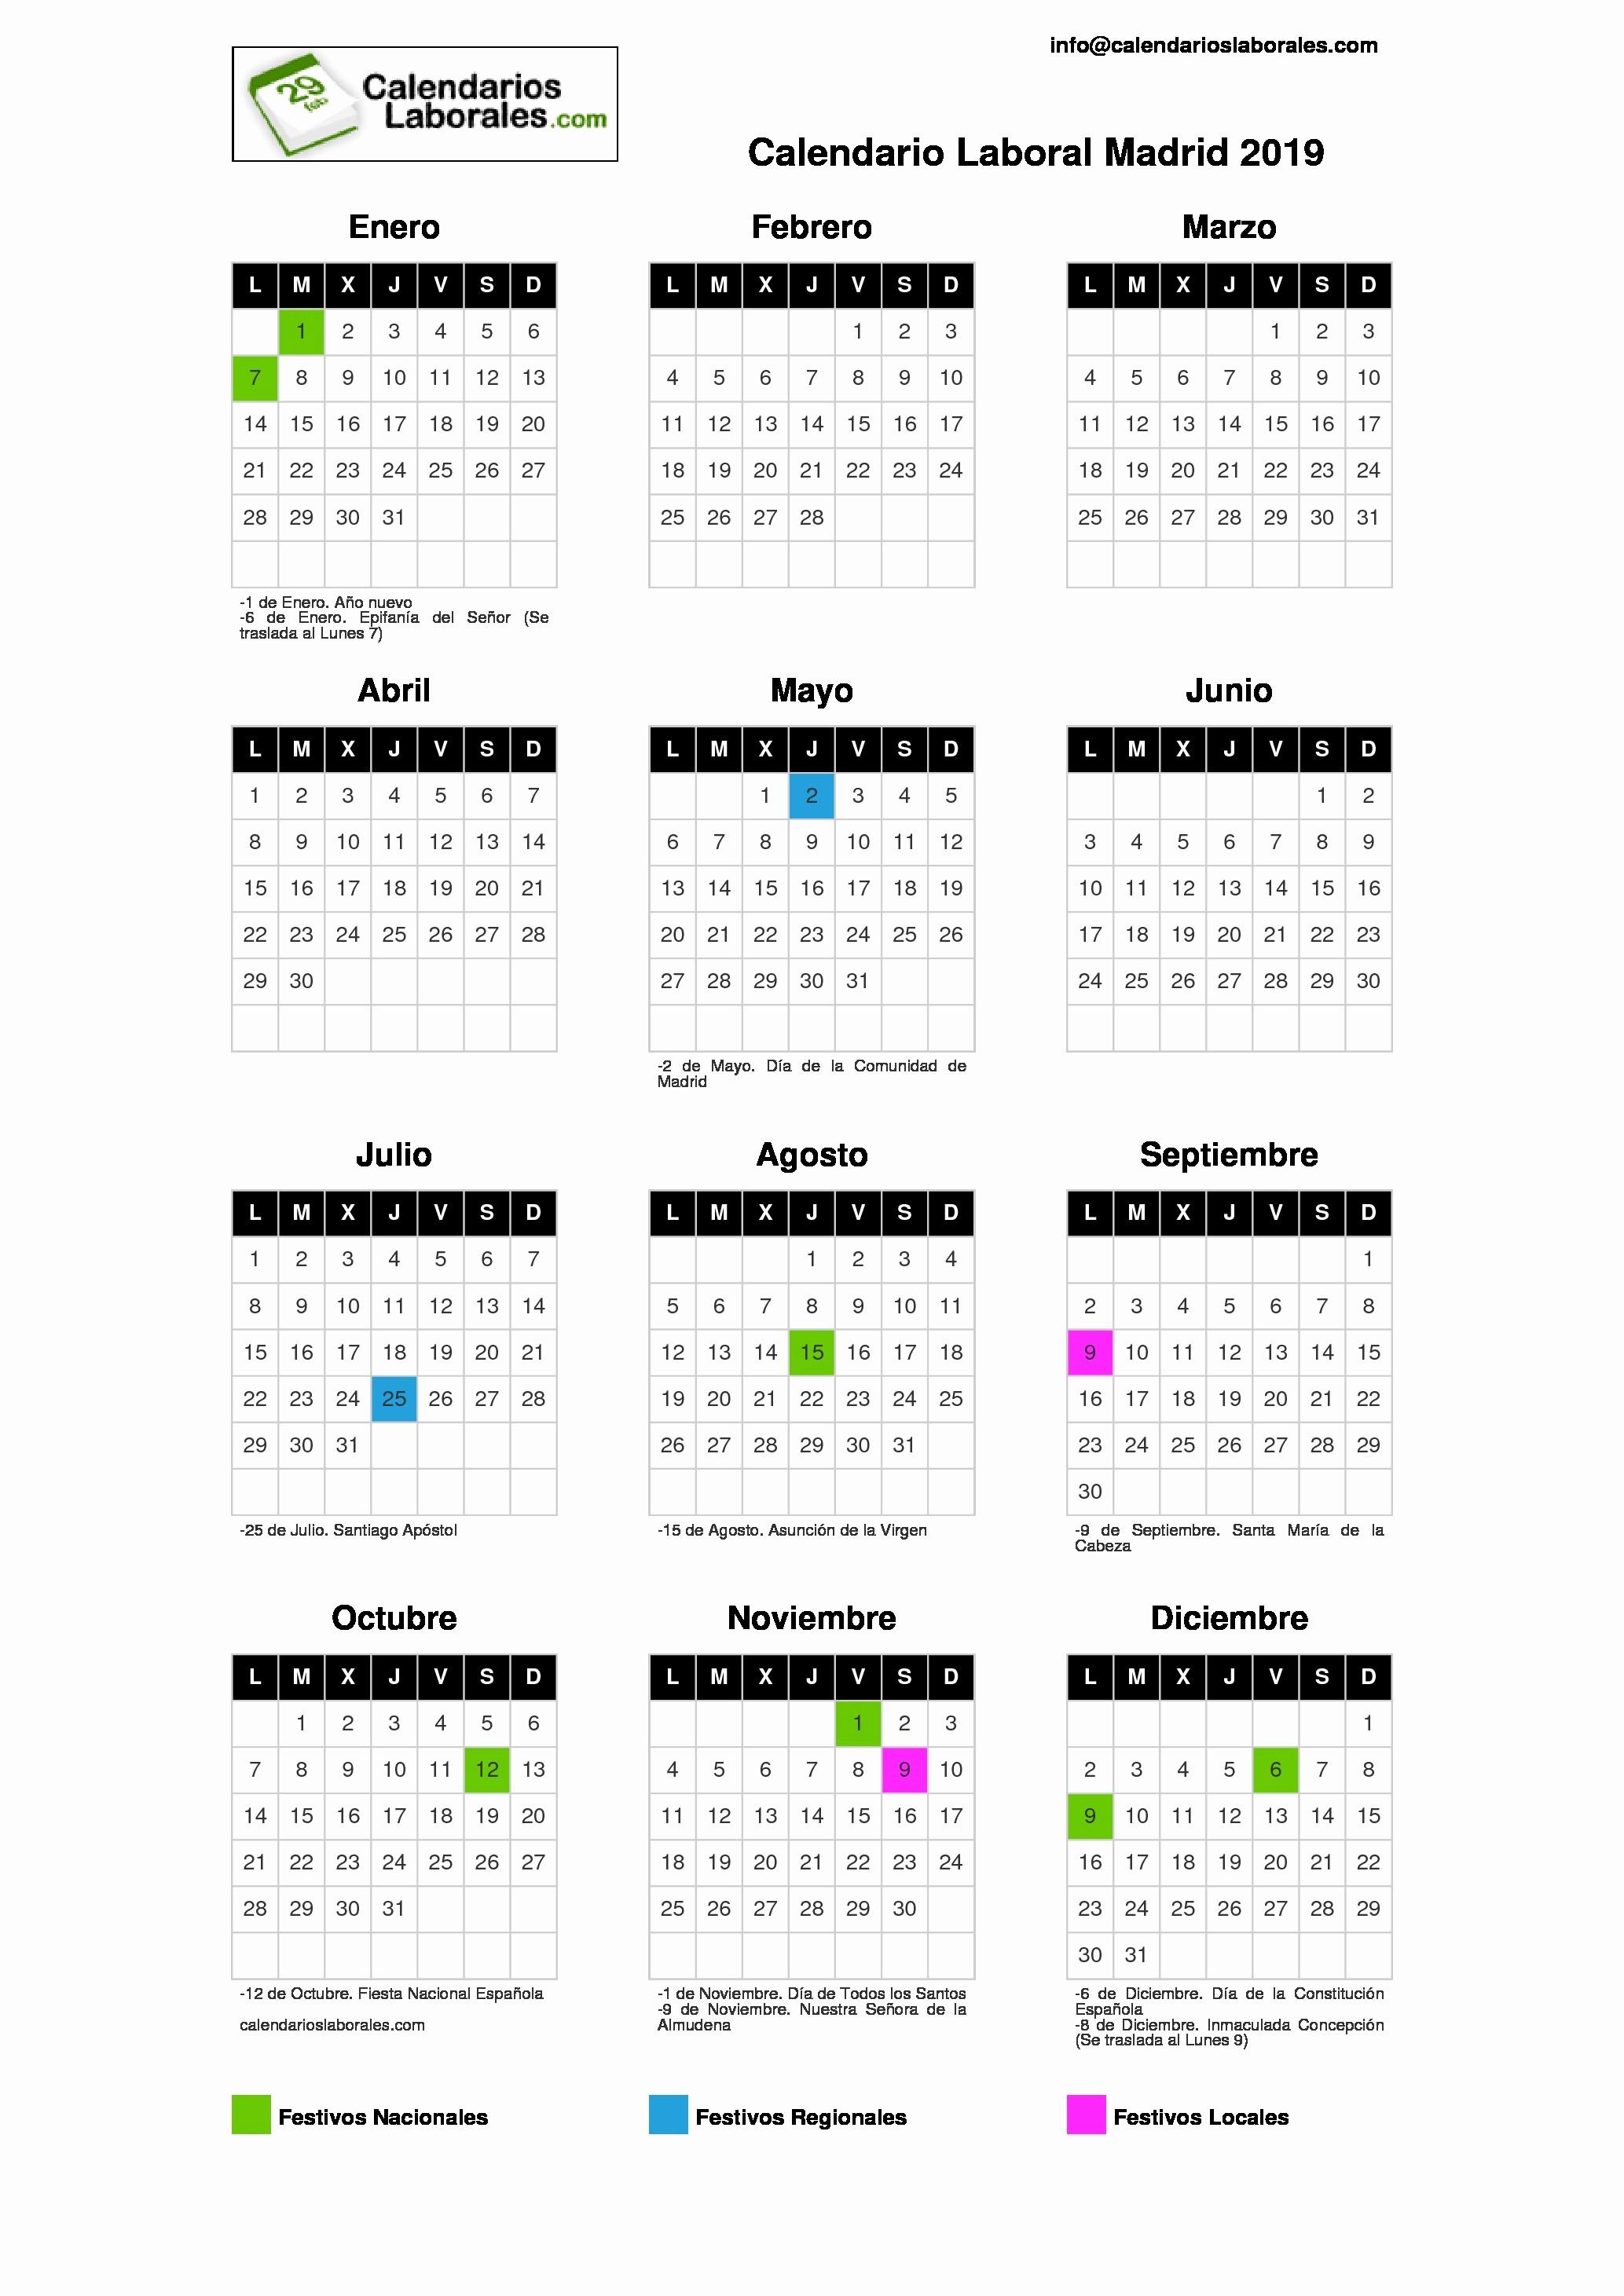 Calendario 2019 Colombia Descargar Más Caliente Calendario Dr 2019 Calendario Laboral Madrid 2019 Of Calendario 2019 Colombia Descargar Recientes Calendario Marzo 2019 Argentina